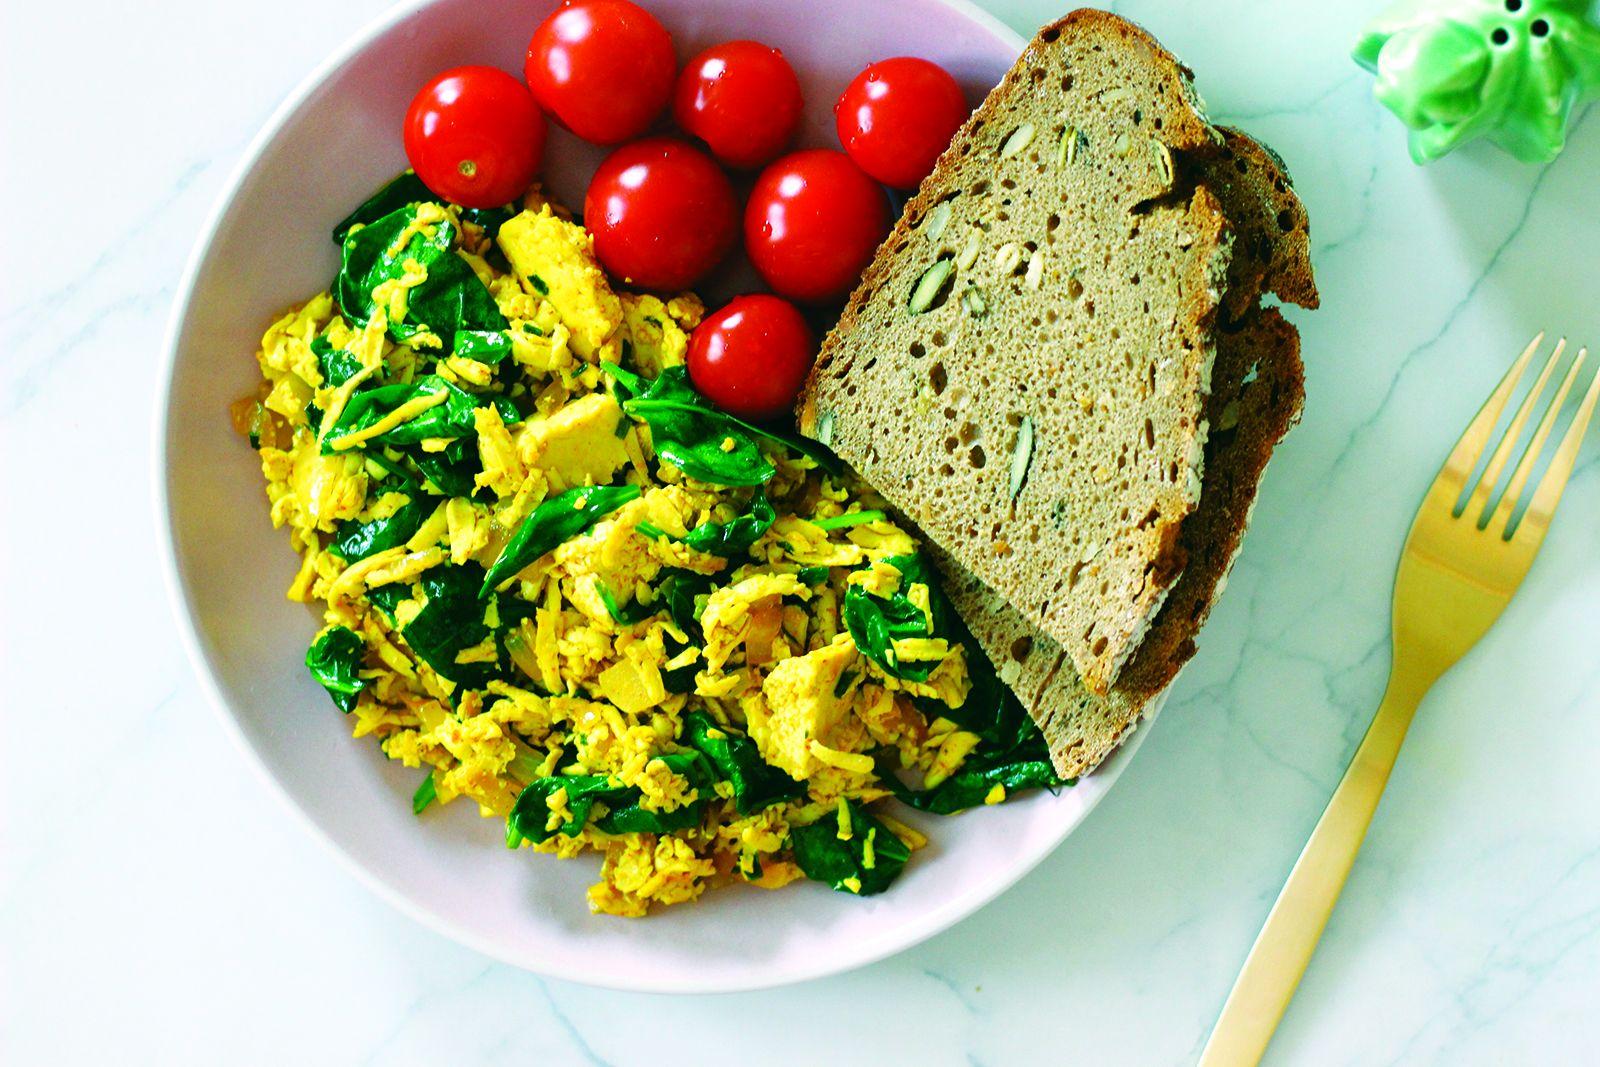 Miluješ vegánstvo? Slovenský obchod ti vychádza v ústrety novou líniou produktov špeciálne pre vegánov